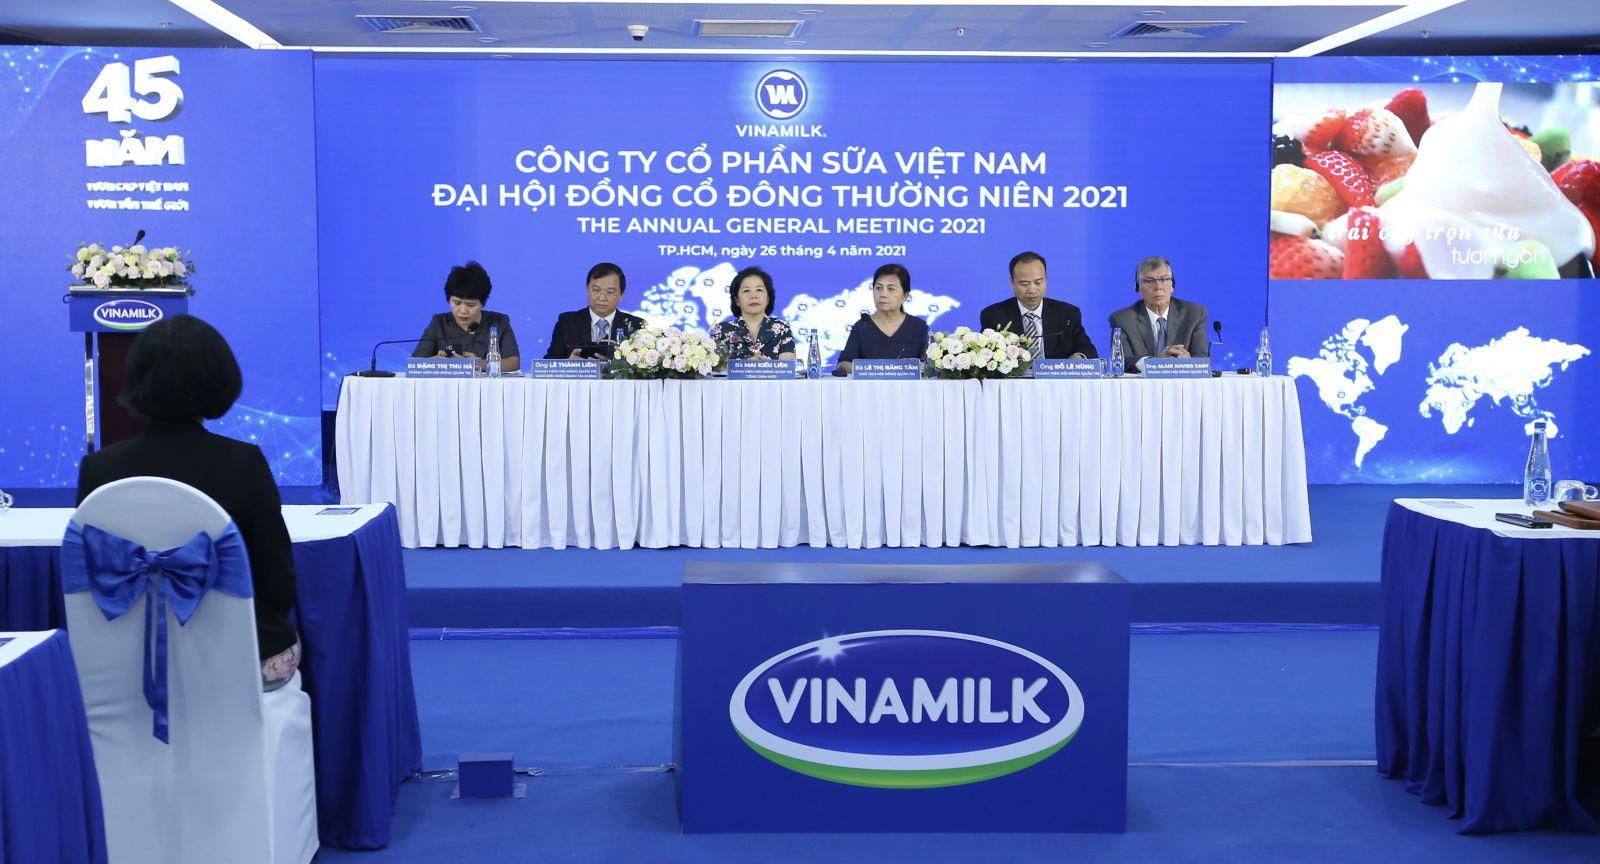 Toàn cảnh đội hội cổ đông Vinamilk 2021